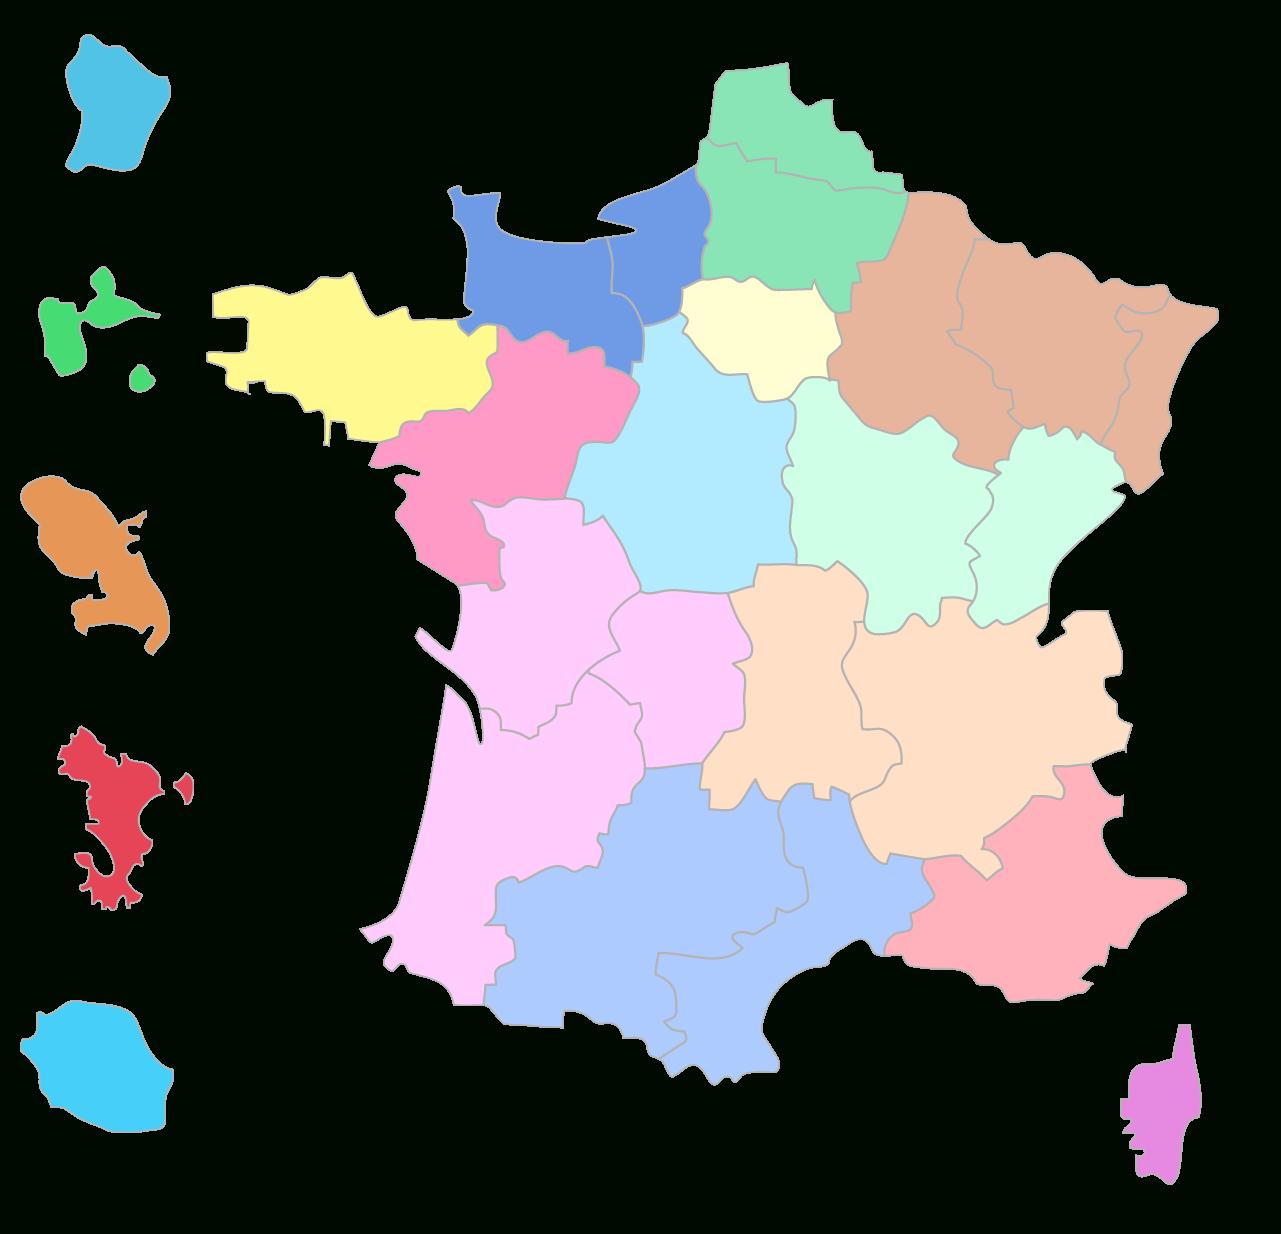 Compléter La Carte Des Régions Françaises - 3E - Exercice intérieur Carte Des Régions À Compléter